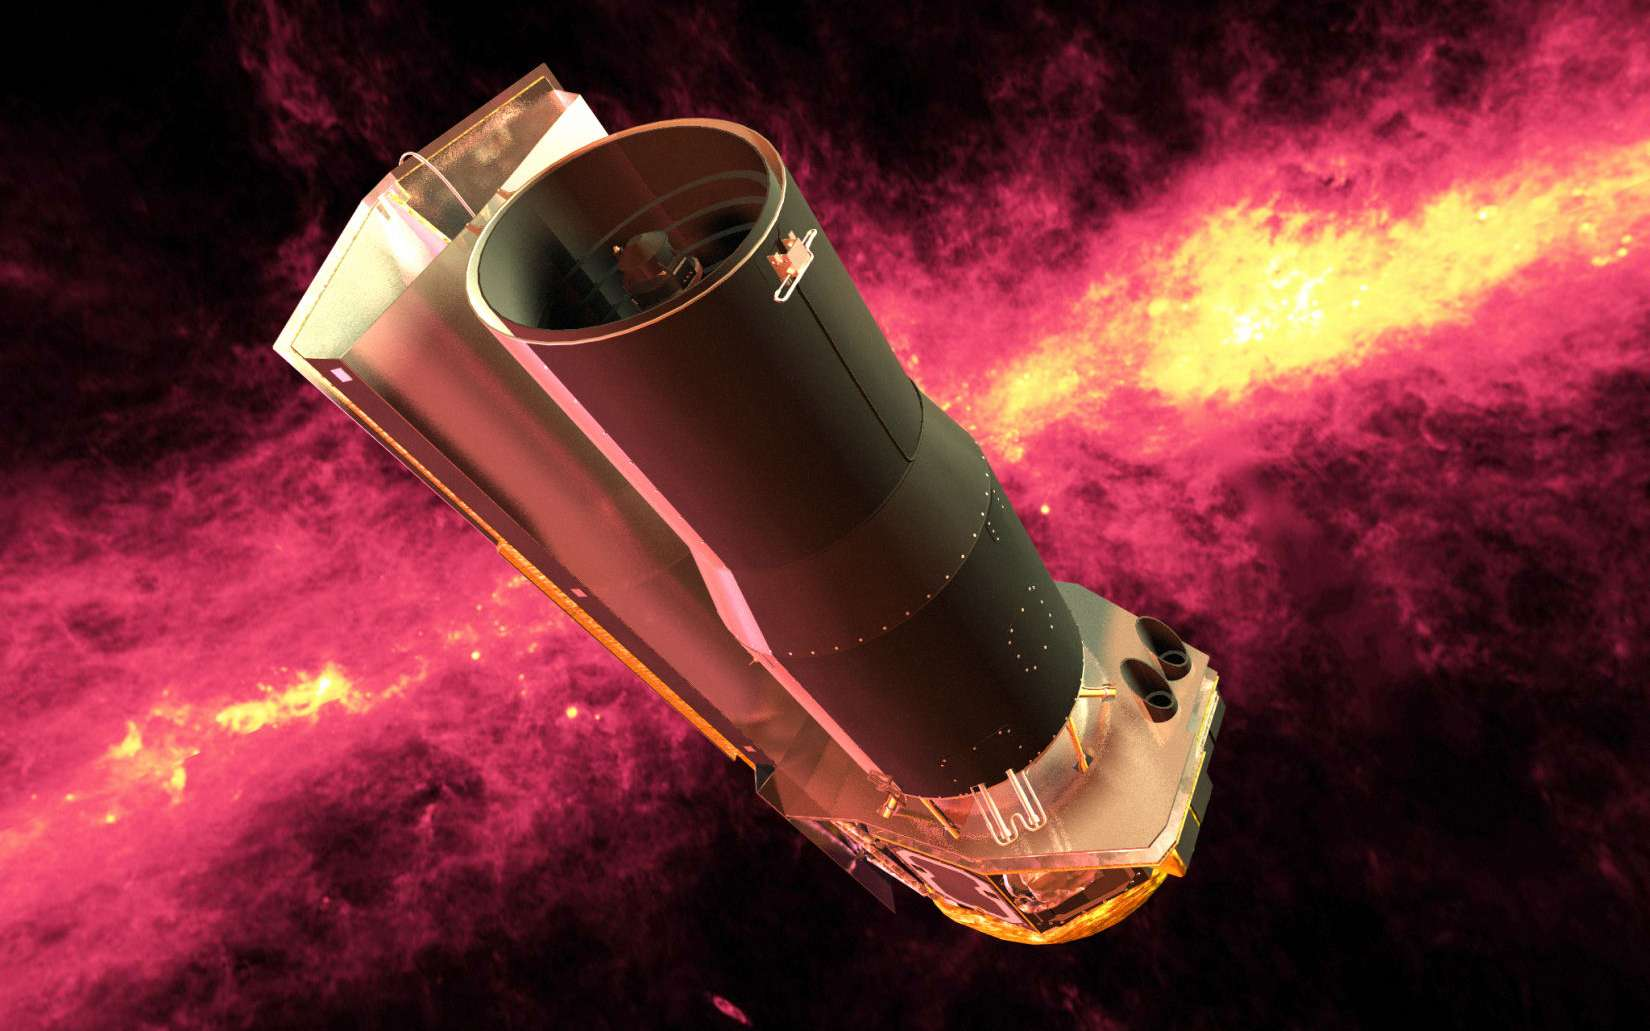 Une vue d'artiste du télescope Spitzer en plein travail d'observation de l'univers dans l'infrarouge. © Nasa